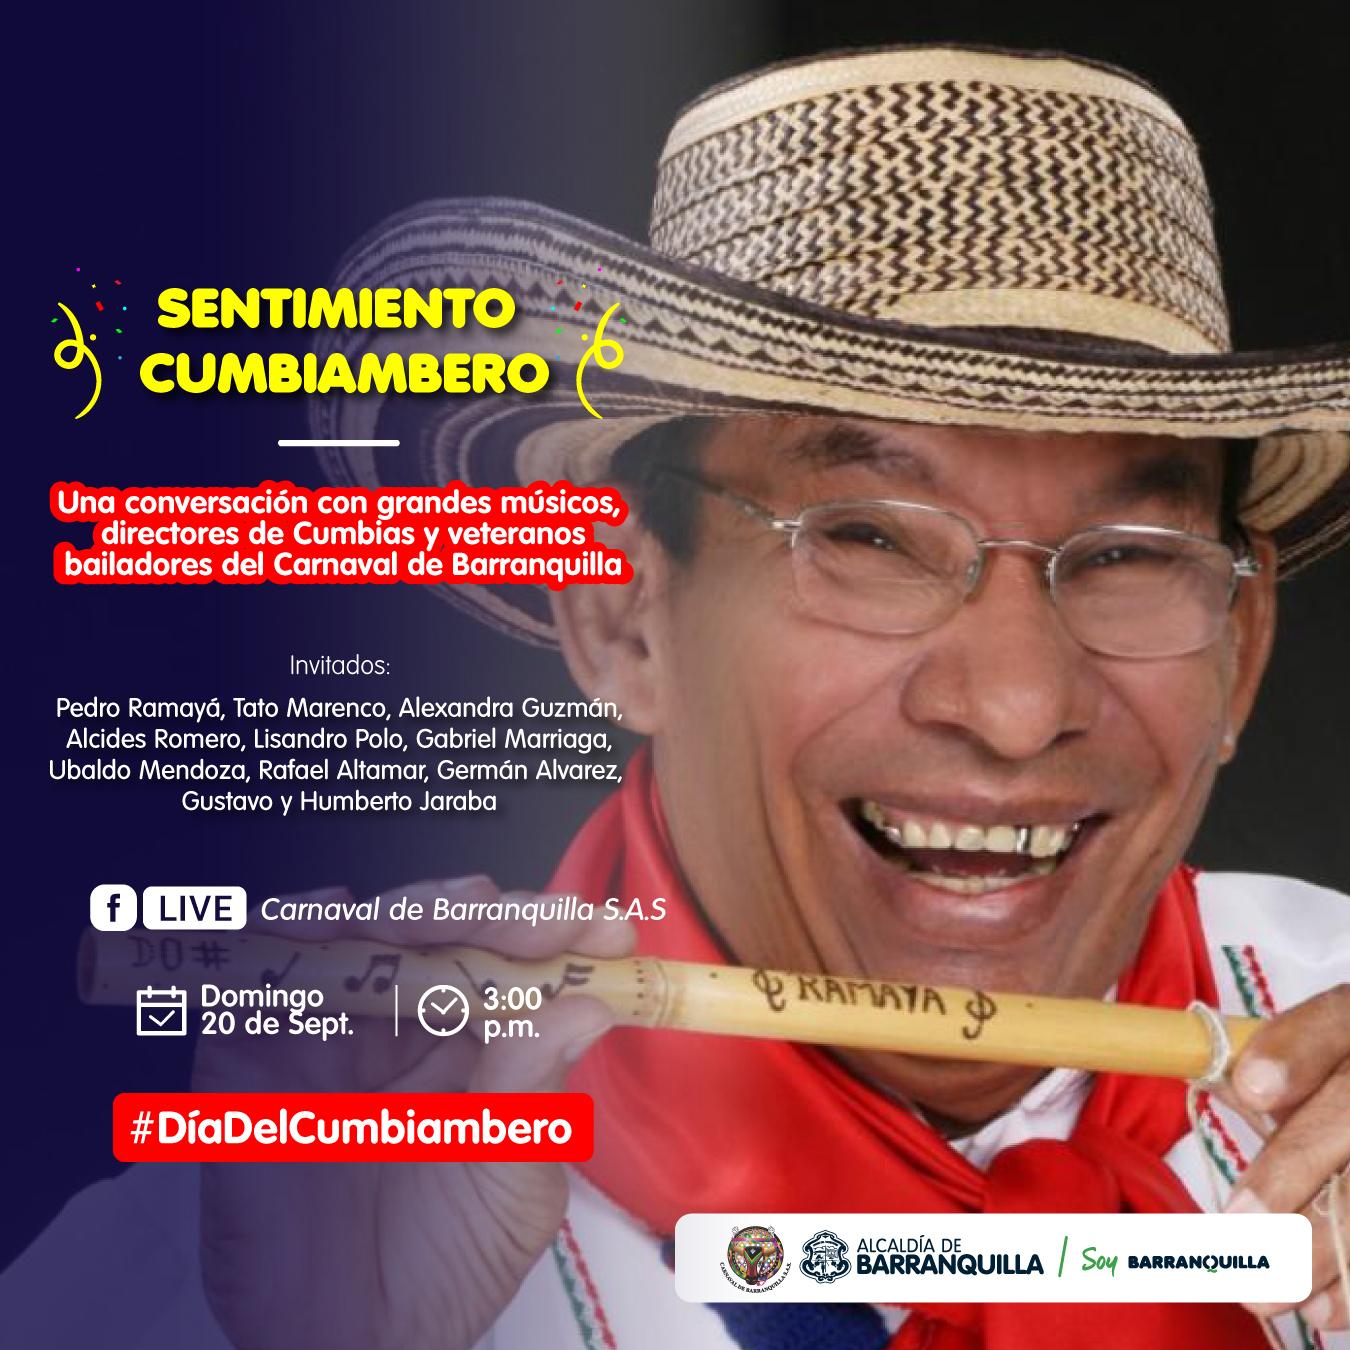 Carnaval de Barranquilla celebra Día del Cumbiambero por Facebook Live